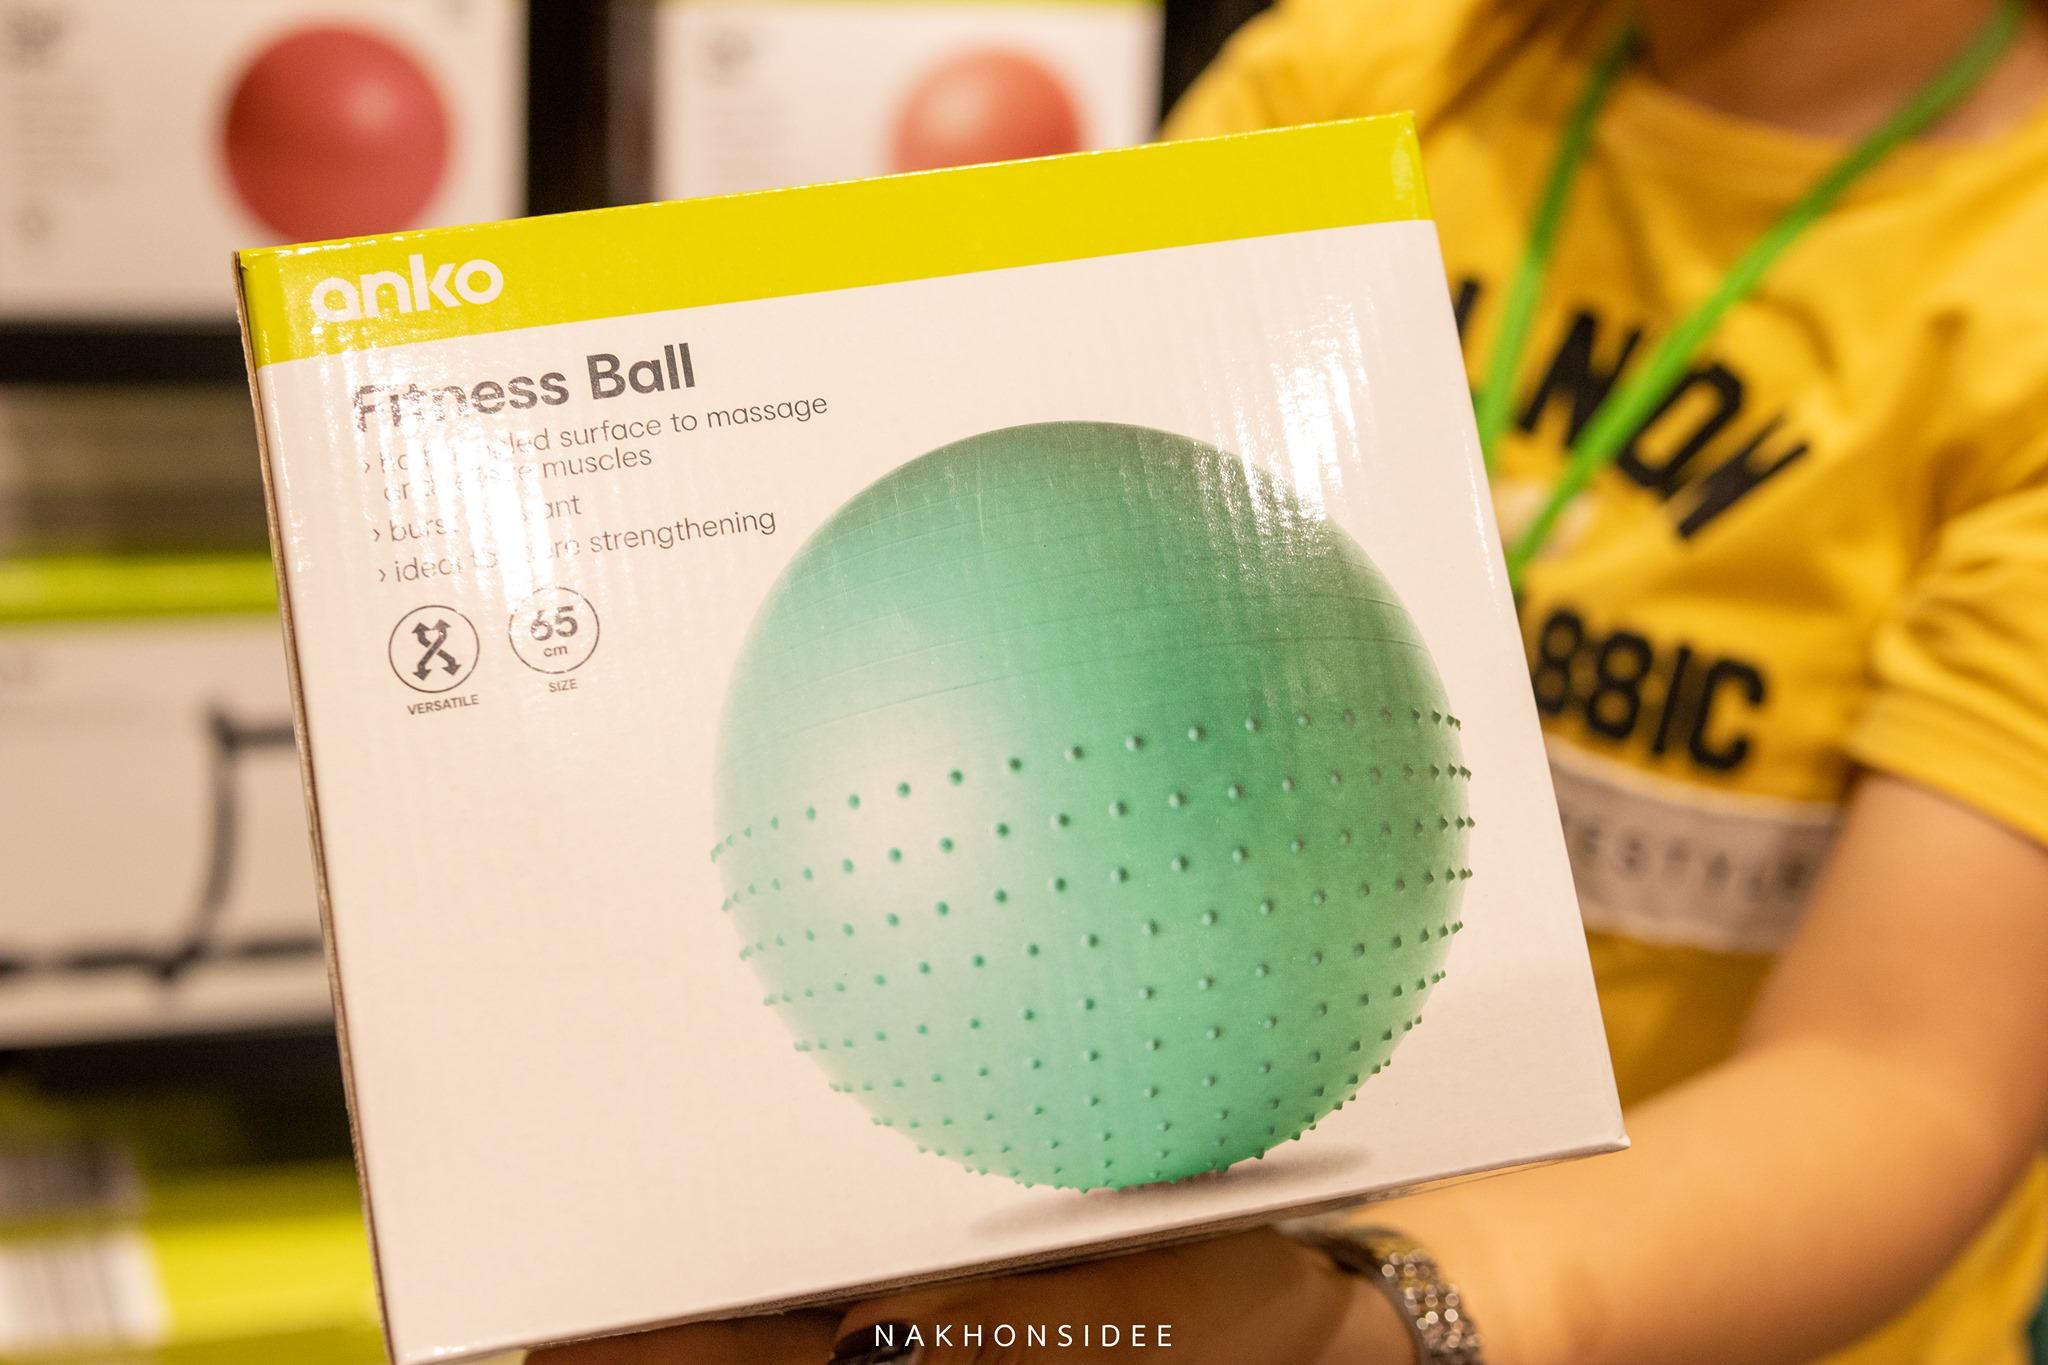 ANKO ไอเท็มเด็ดน่ารักๆ-เพิ่มความสะดวกสบายในการออกกำลังกาย-ด้วยลูกบอลออกกำลังกาย-จากแบรนด์-Anko-อุปกรณ์ที่ง่ายต่อการออกกำลังกาย-ผู้เริ่มต้นเล่นก็สามารถใช้ได้ง่าย-ผลิตด้วยวัสดุคุณภาพชนิดพิเศษ-มีความนุ่ม-แข็งแรง-ทนทาน-และยืดหยุ่นได้ดี-เหมาะสำหรับการออกกำลังโดยเฉพาะอย่างยิ่ง ขนาด-:-65-CM  ราคาปกติ-395-ลด-50--เหลือ-199-บาทเท่านั้น โรบินสัน,นครศรีธรรมราช